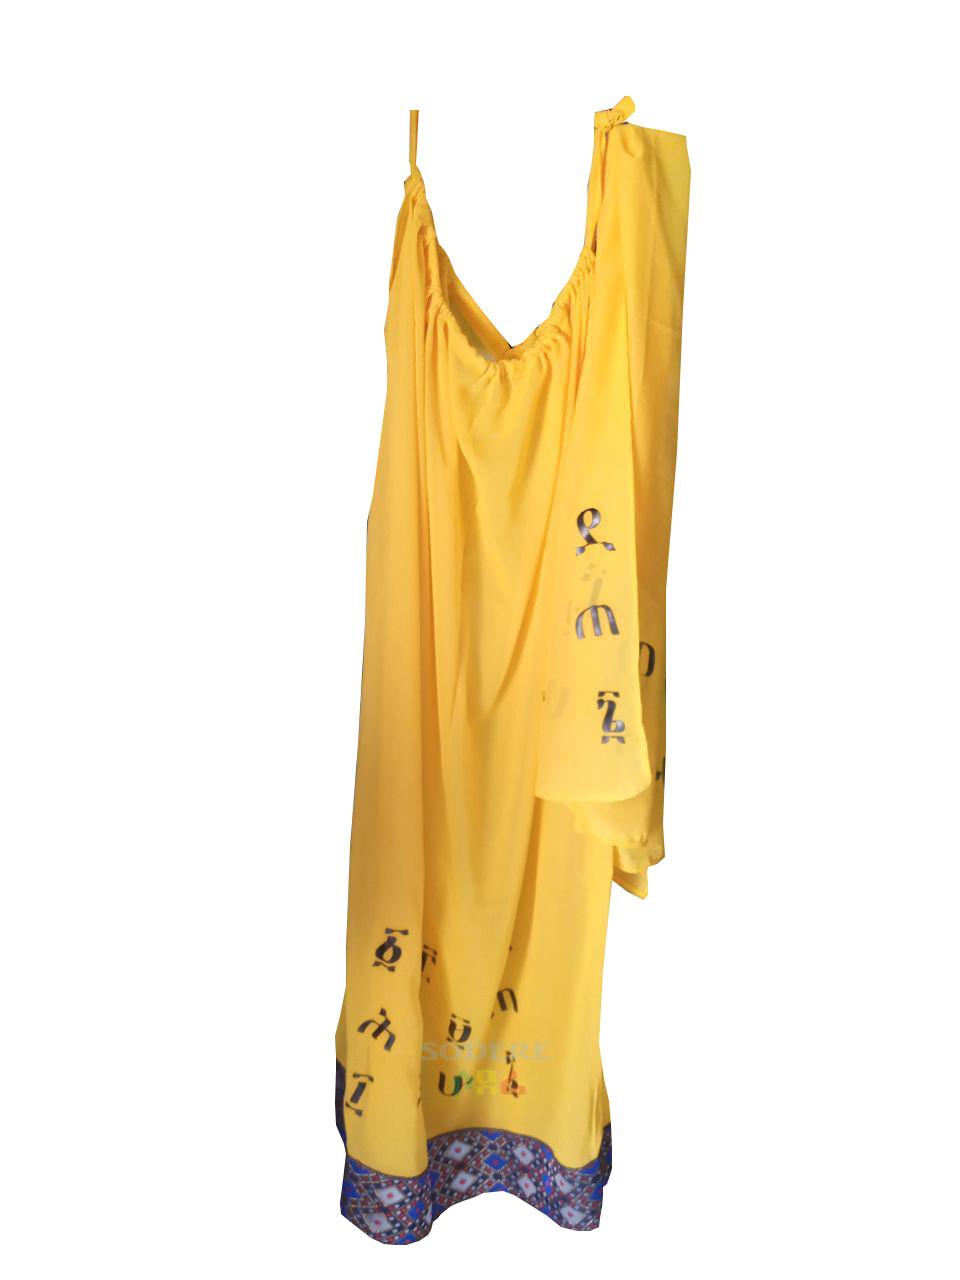 የአማርኛ ፊደሎች እና ቁጥሮች ያሉበት አጓጉል ቀሚስ  Ethiopian Dress  / free size